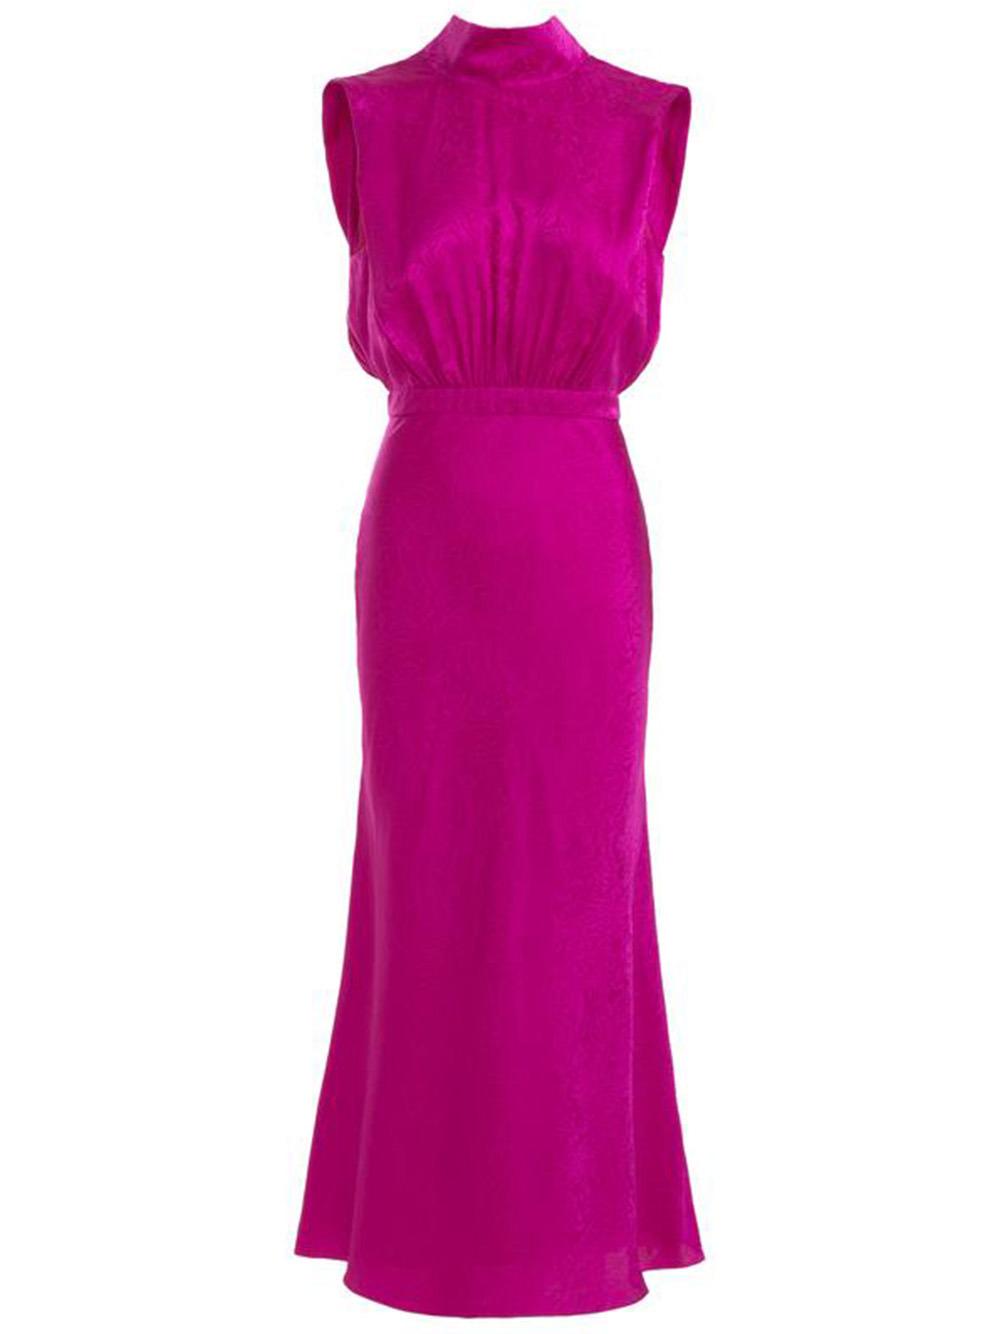 Fleur Midi Dress Item # 10255-PF21